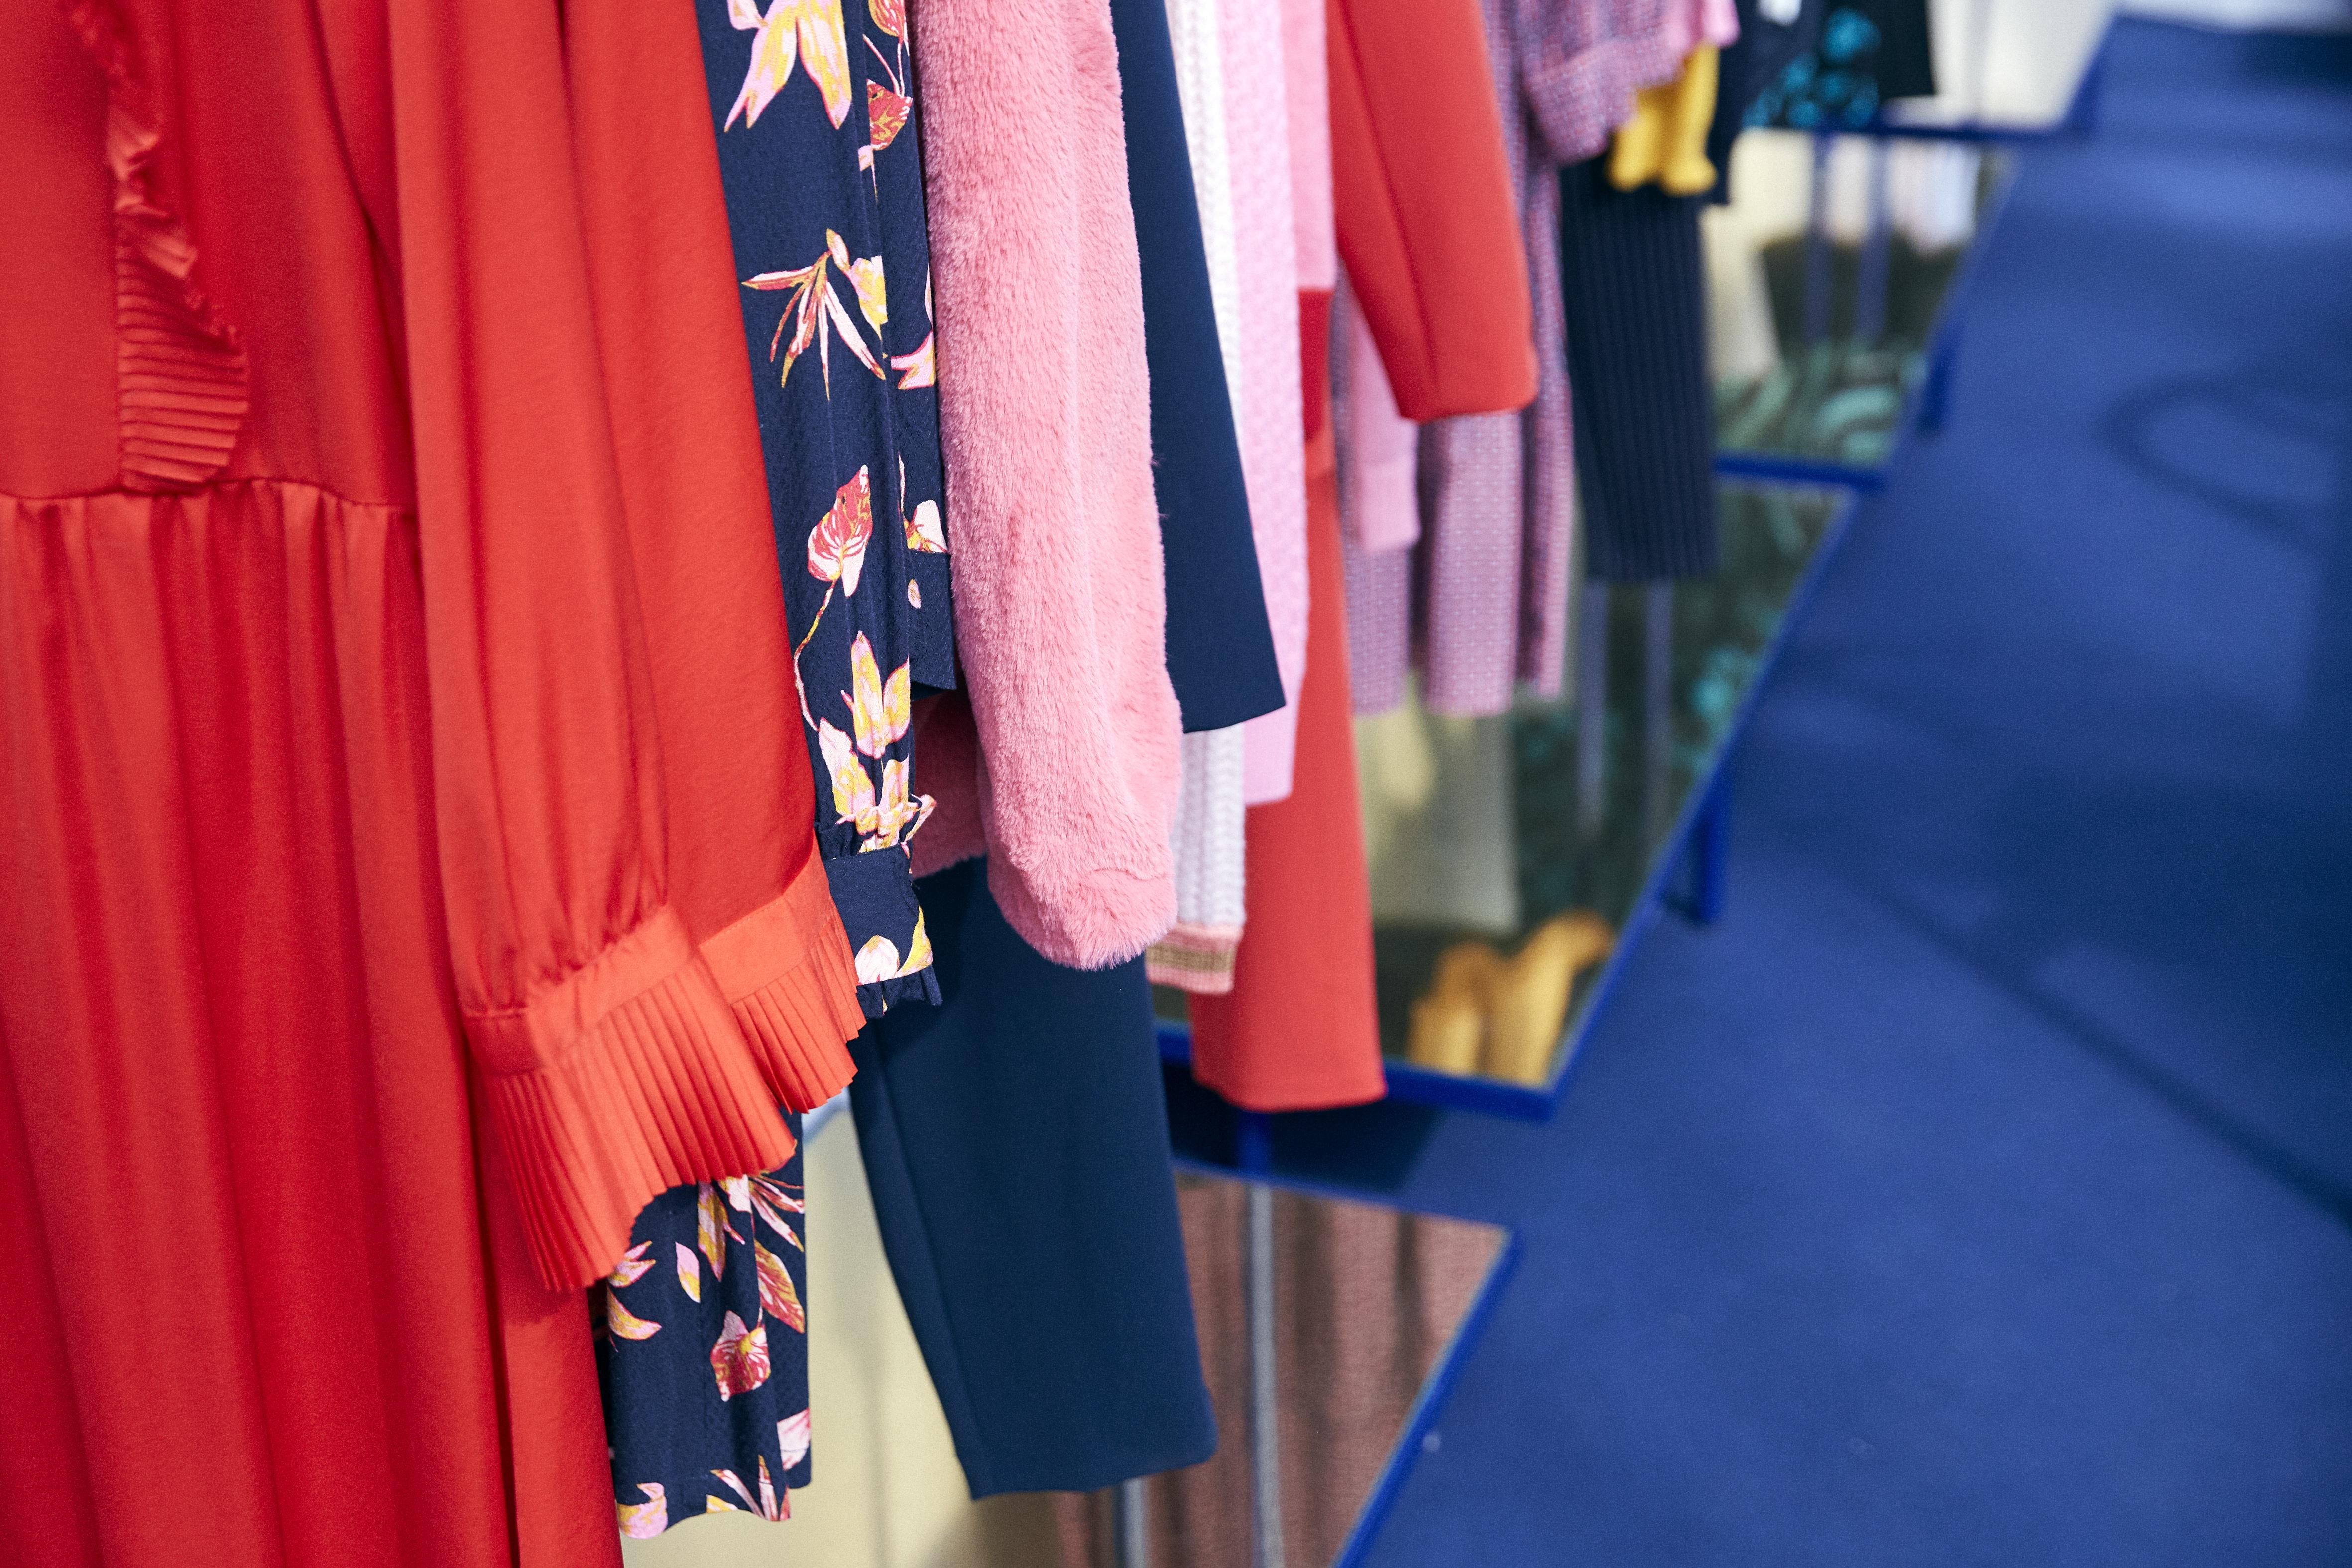 1c1bca4893d6 Modebranchen når rekord-niveau takket være eksportvækst